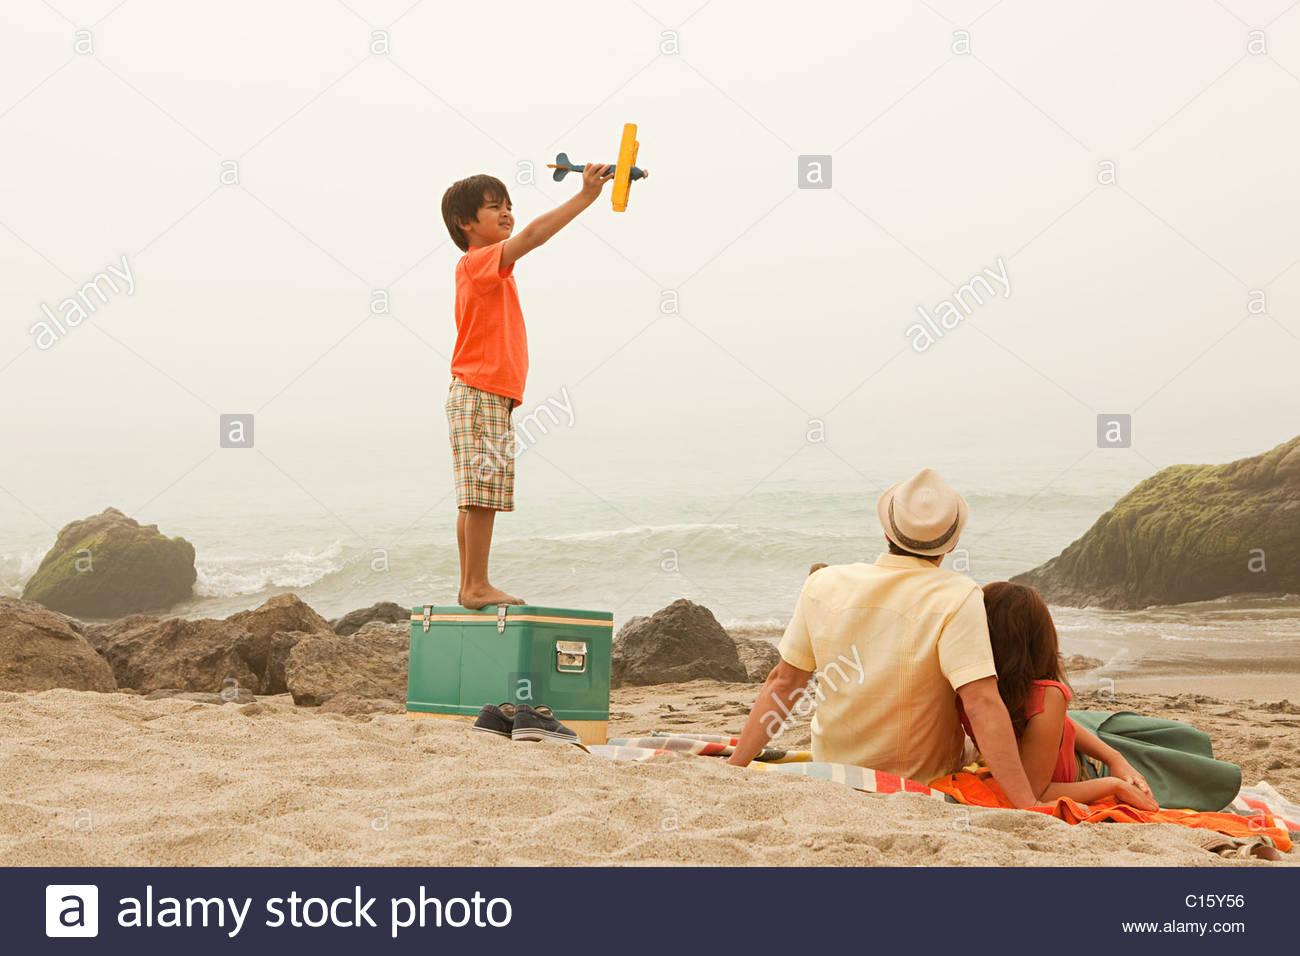 En la playa de la familia, el niño jugando con el avión de juguete Imagen De Stock